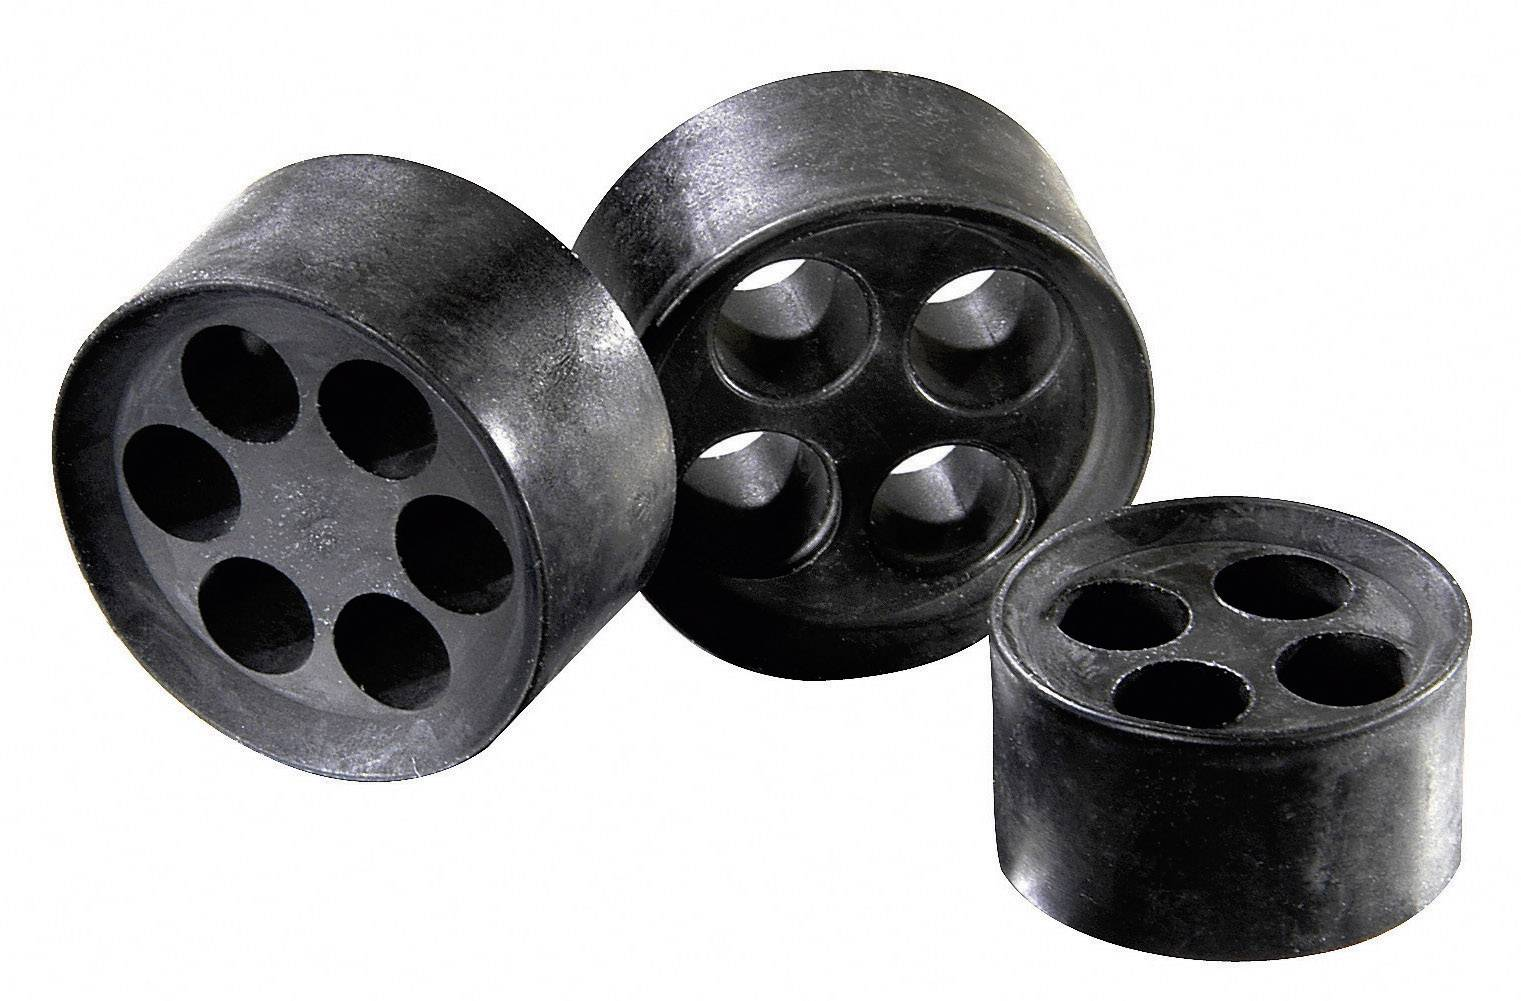 Tesniaca vložka s viacerými priechodmi Wiska MFD 40/08/060, M40, elastomér, 1 ks